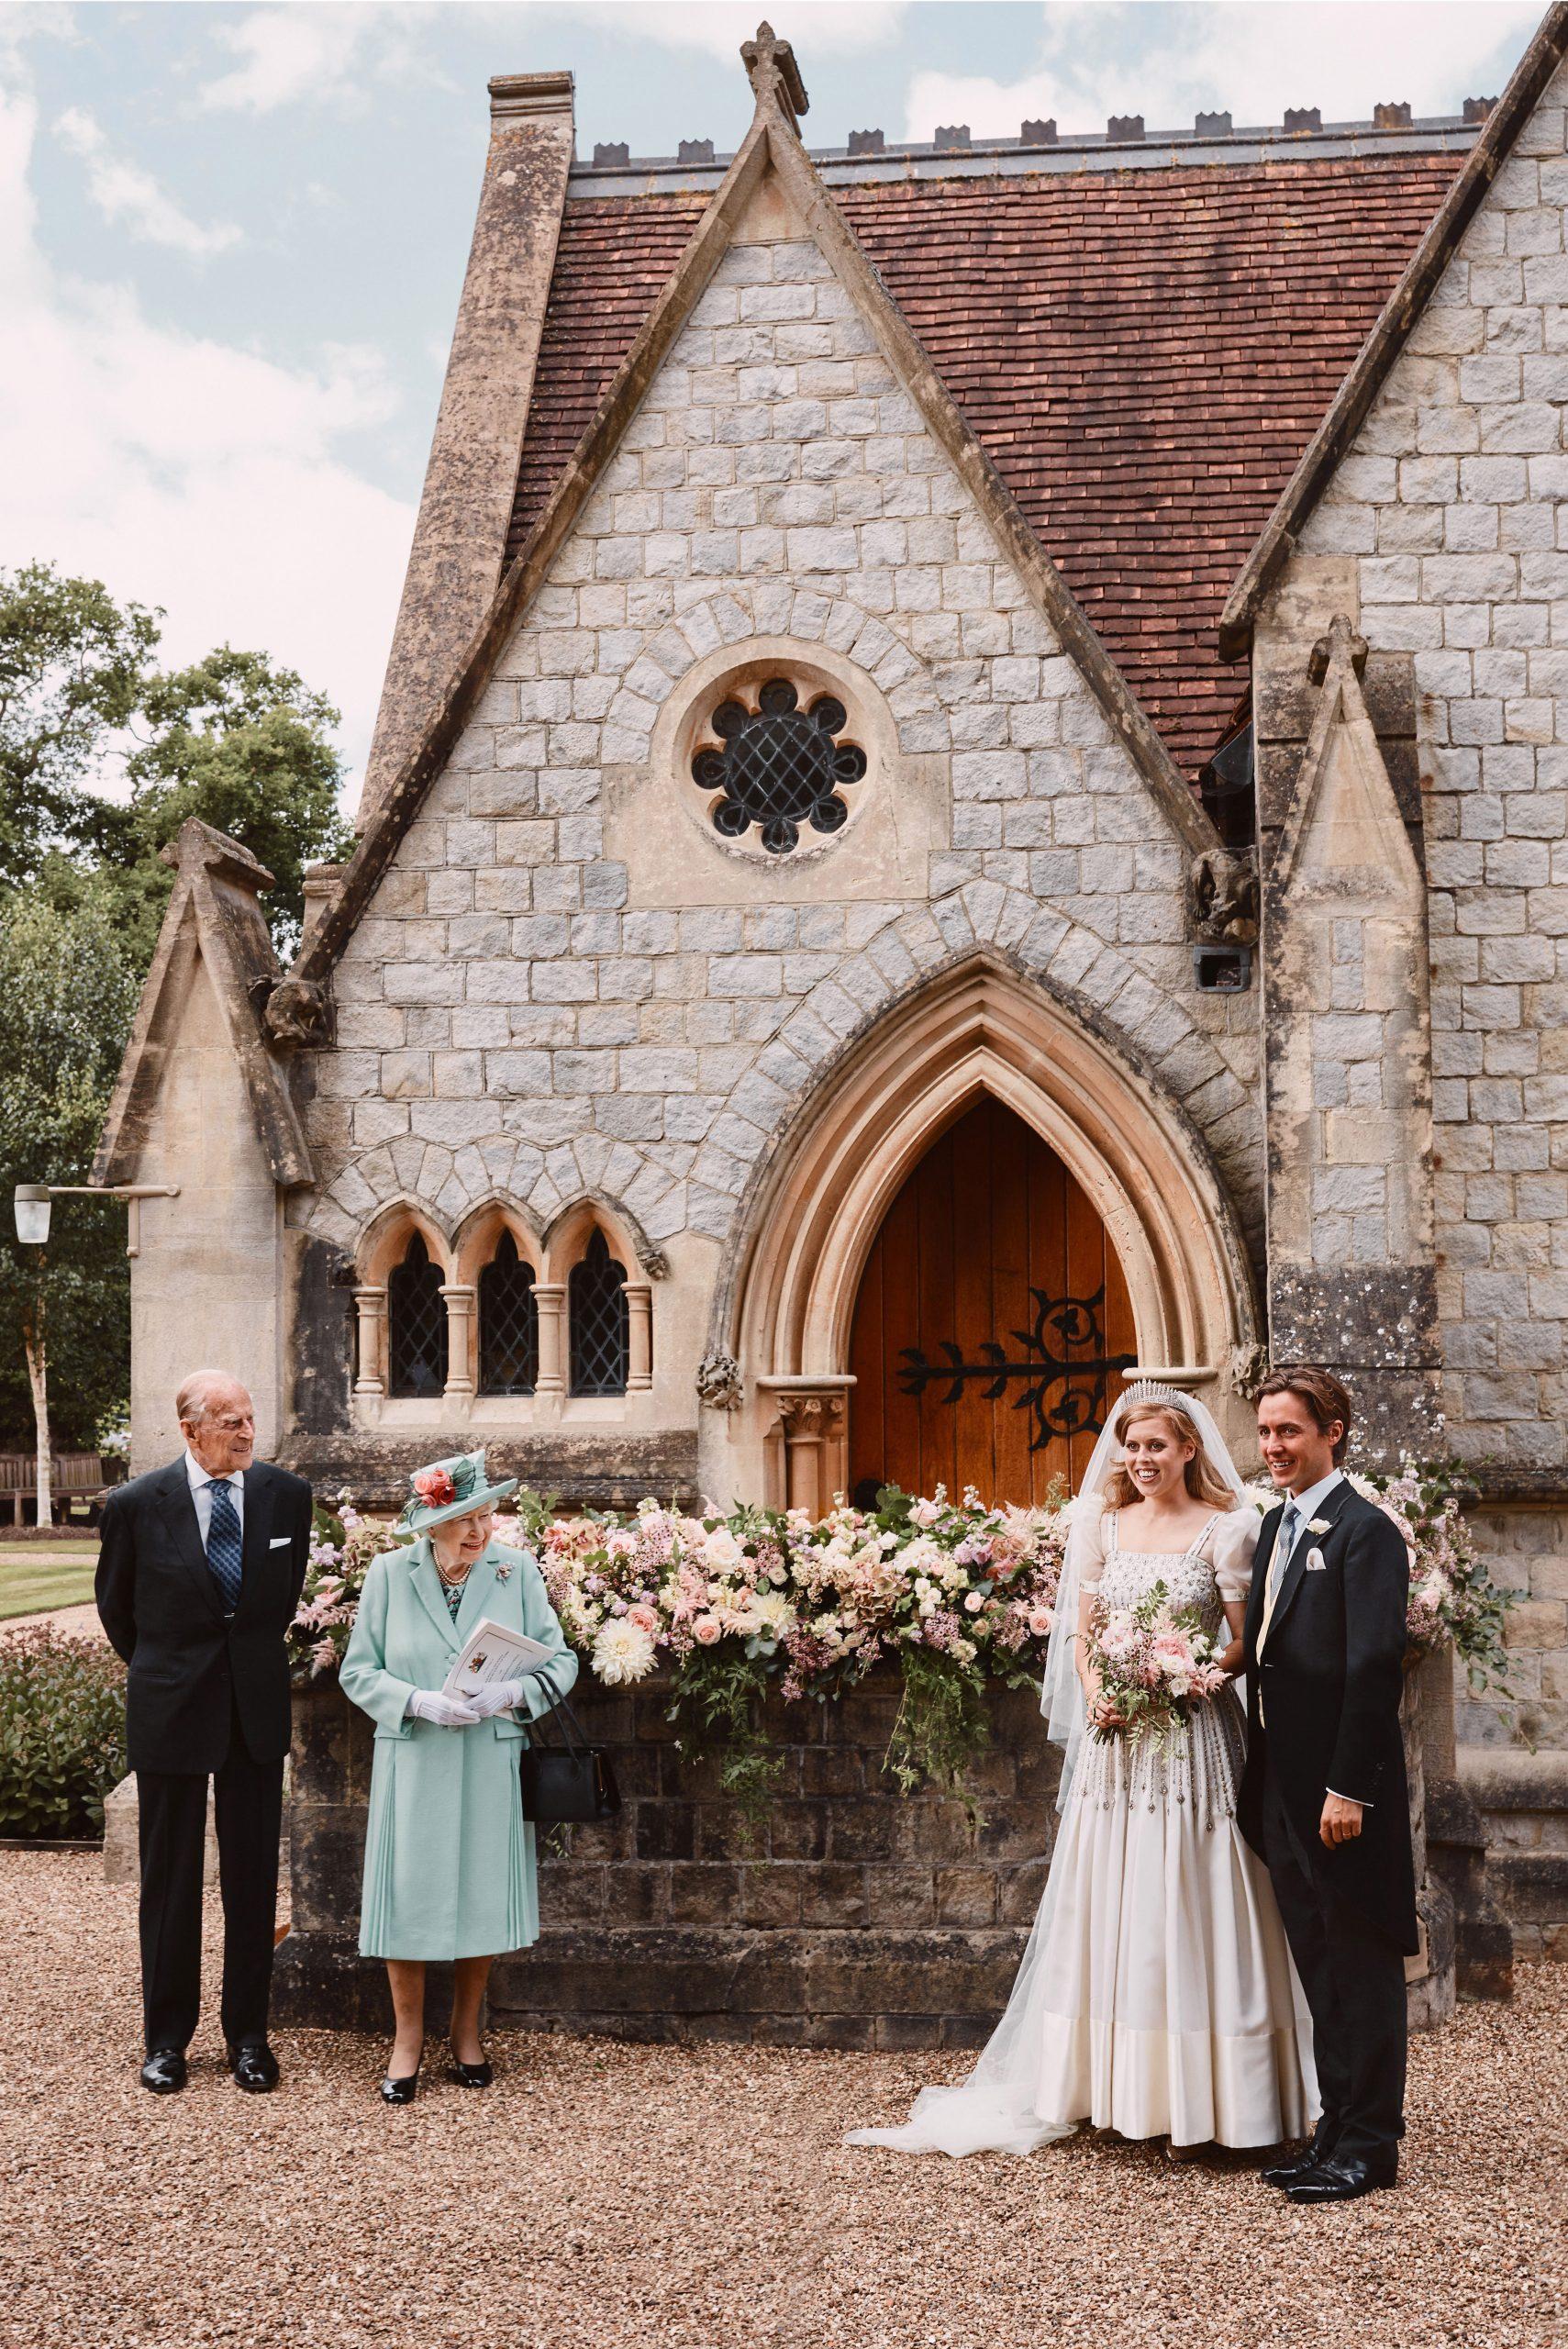 Le mariage de la princesse Beatrice a eu lieu à la chapelle All Saints, en présence de la reine et du prince Philip.